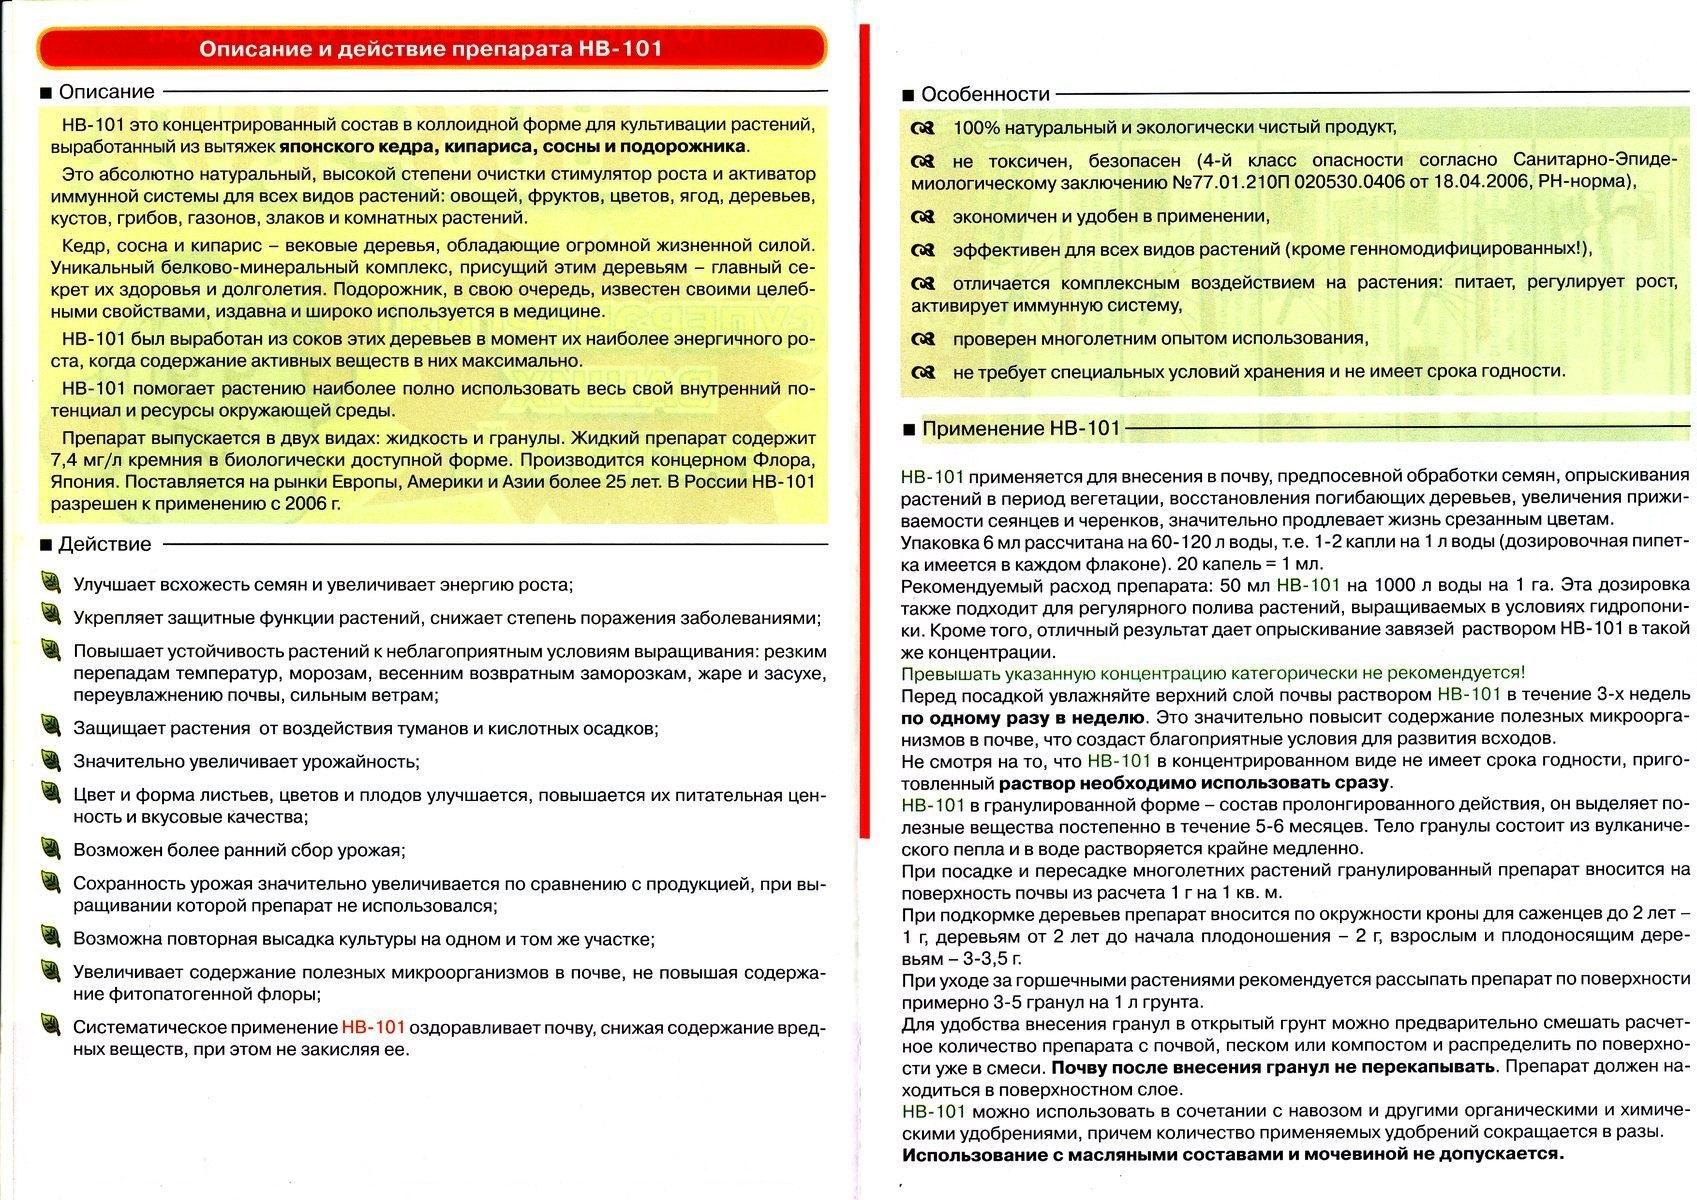 Hb-101: инструкция по применению, состав стимулятора роста, дозировка и применение - sadovnikam.ru